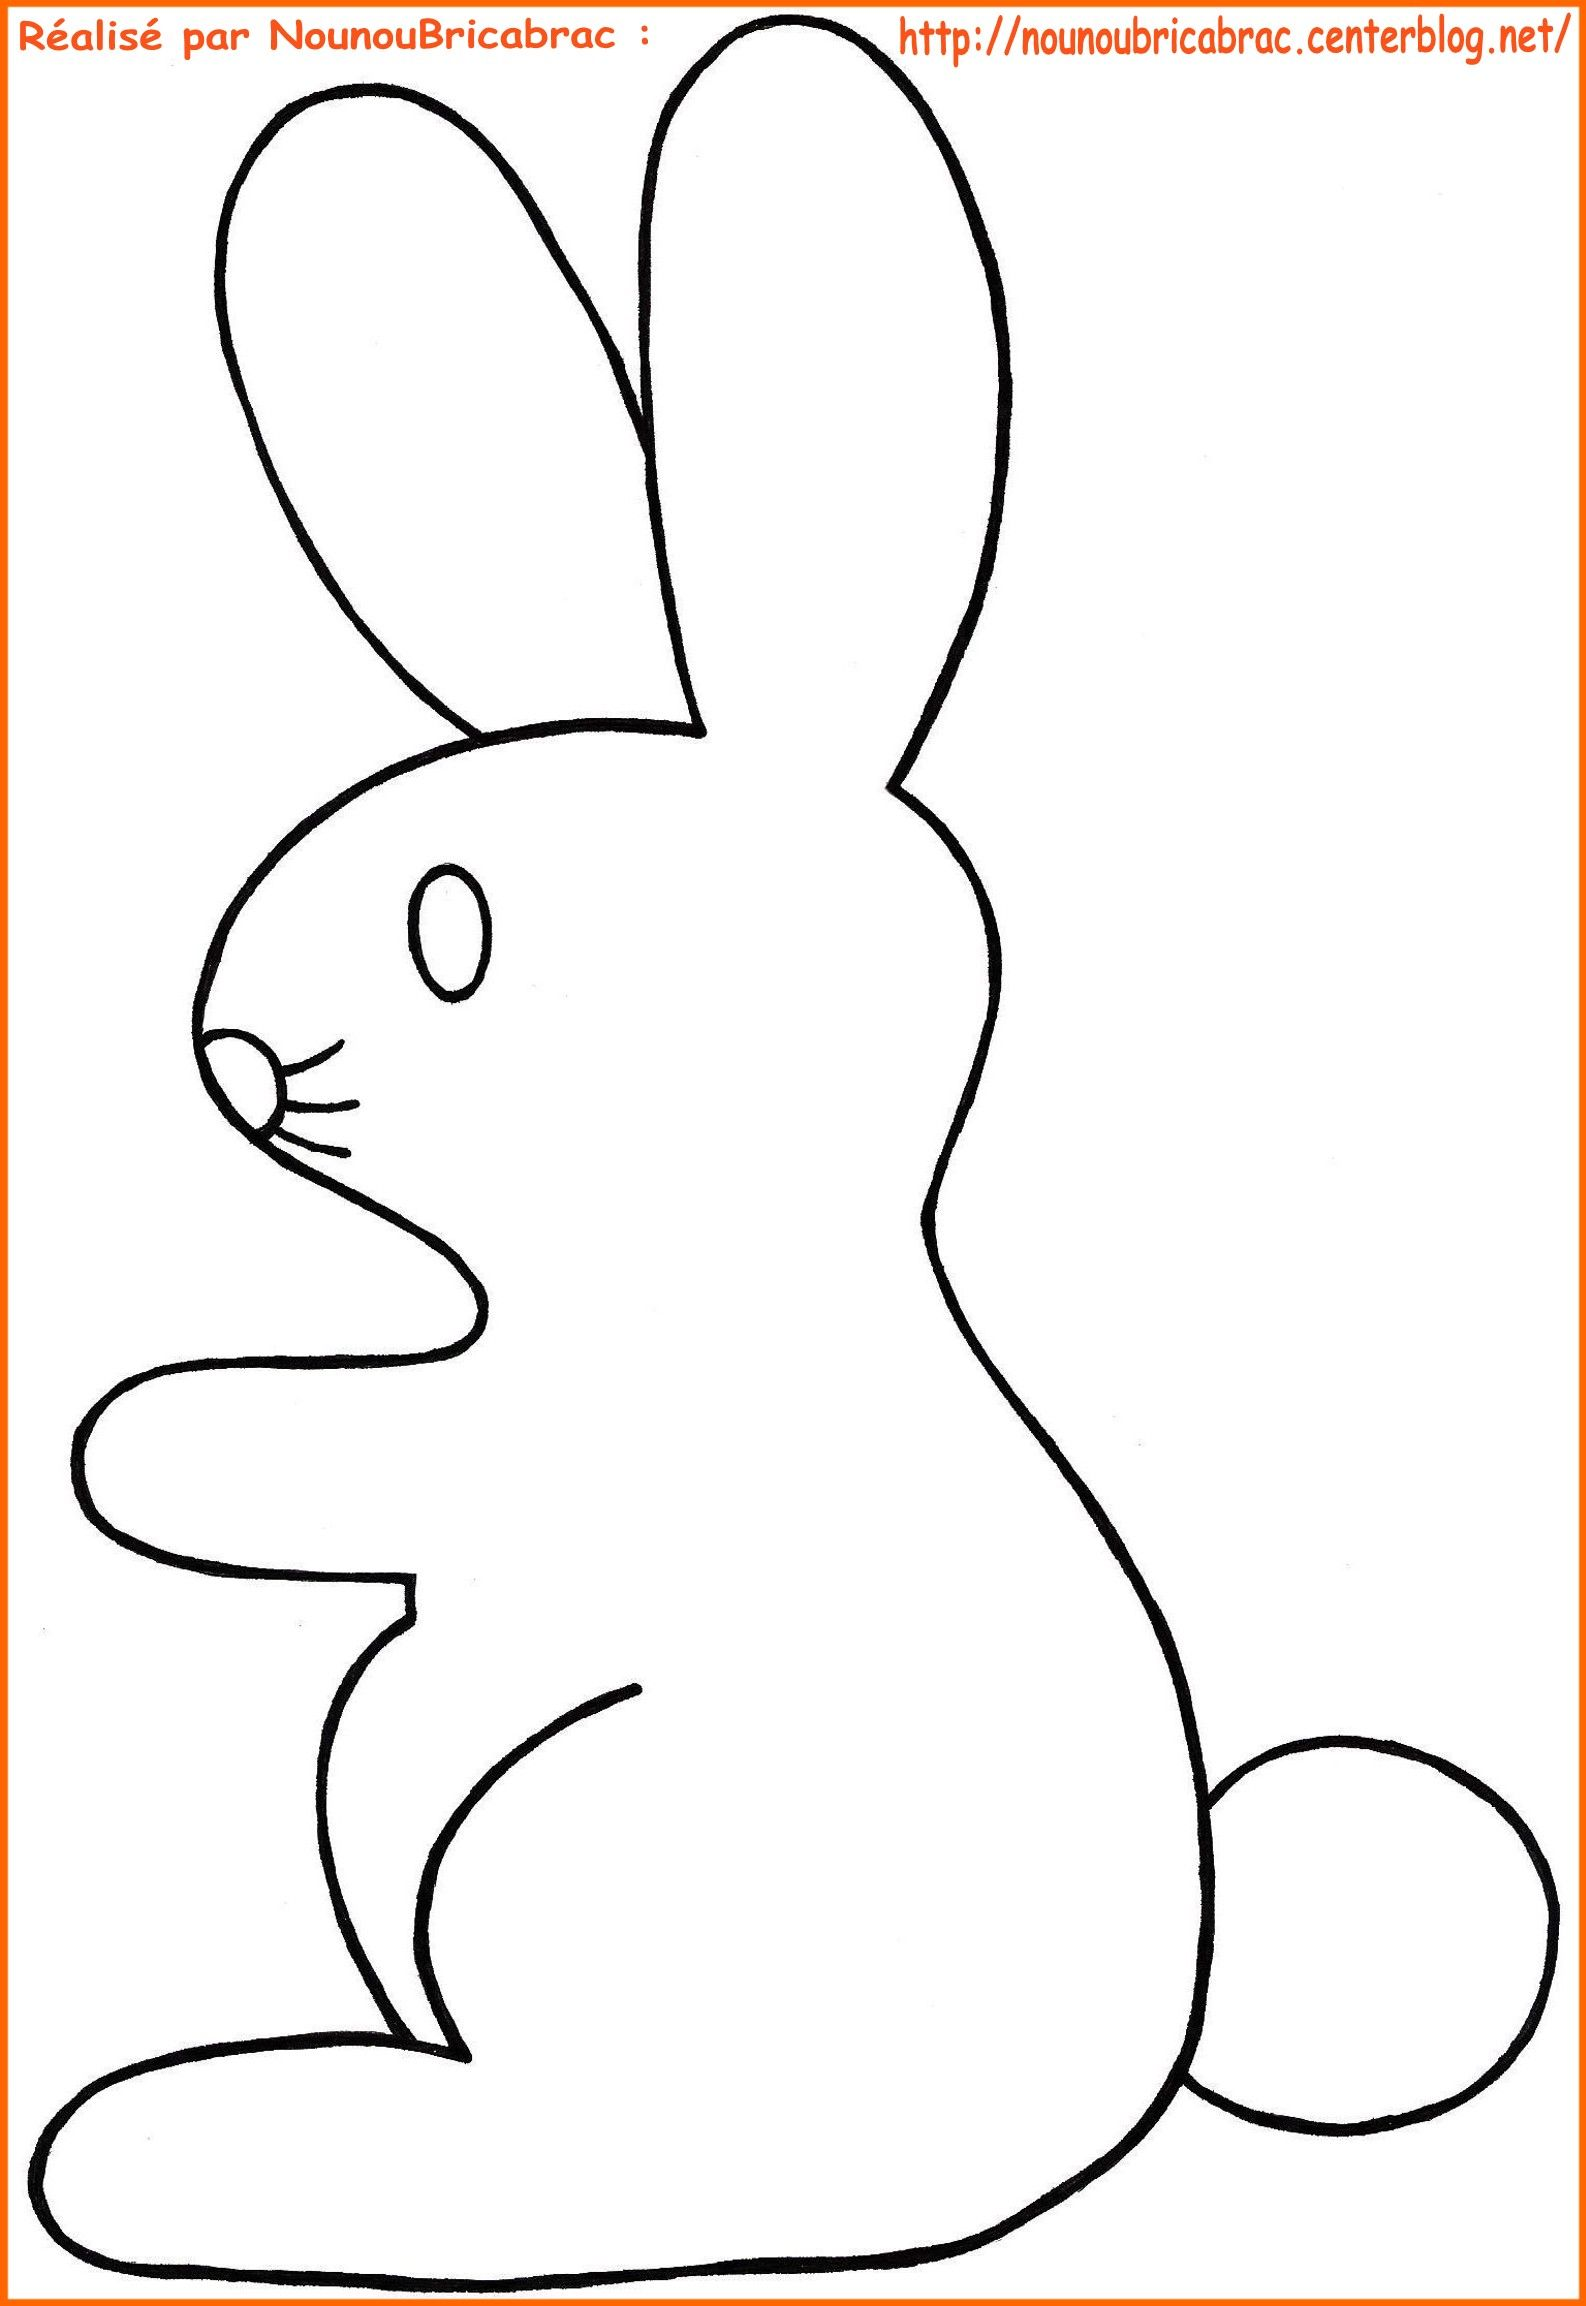 Lapin de p ques colorier paques coloriage - Dessin lapin paques ...